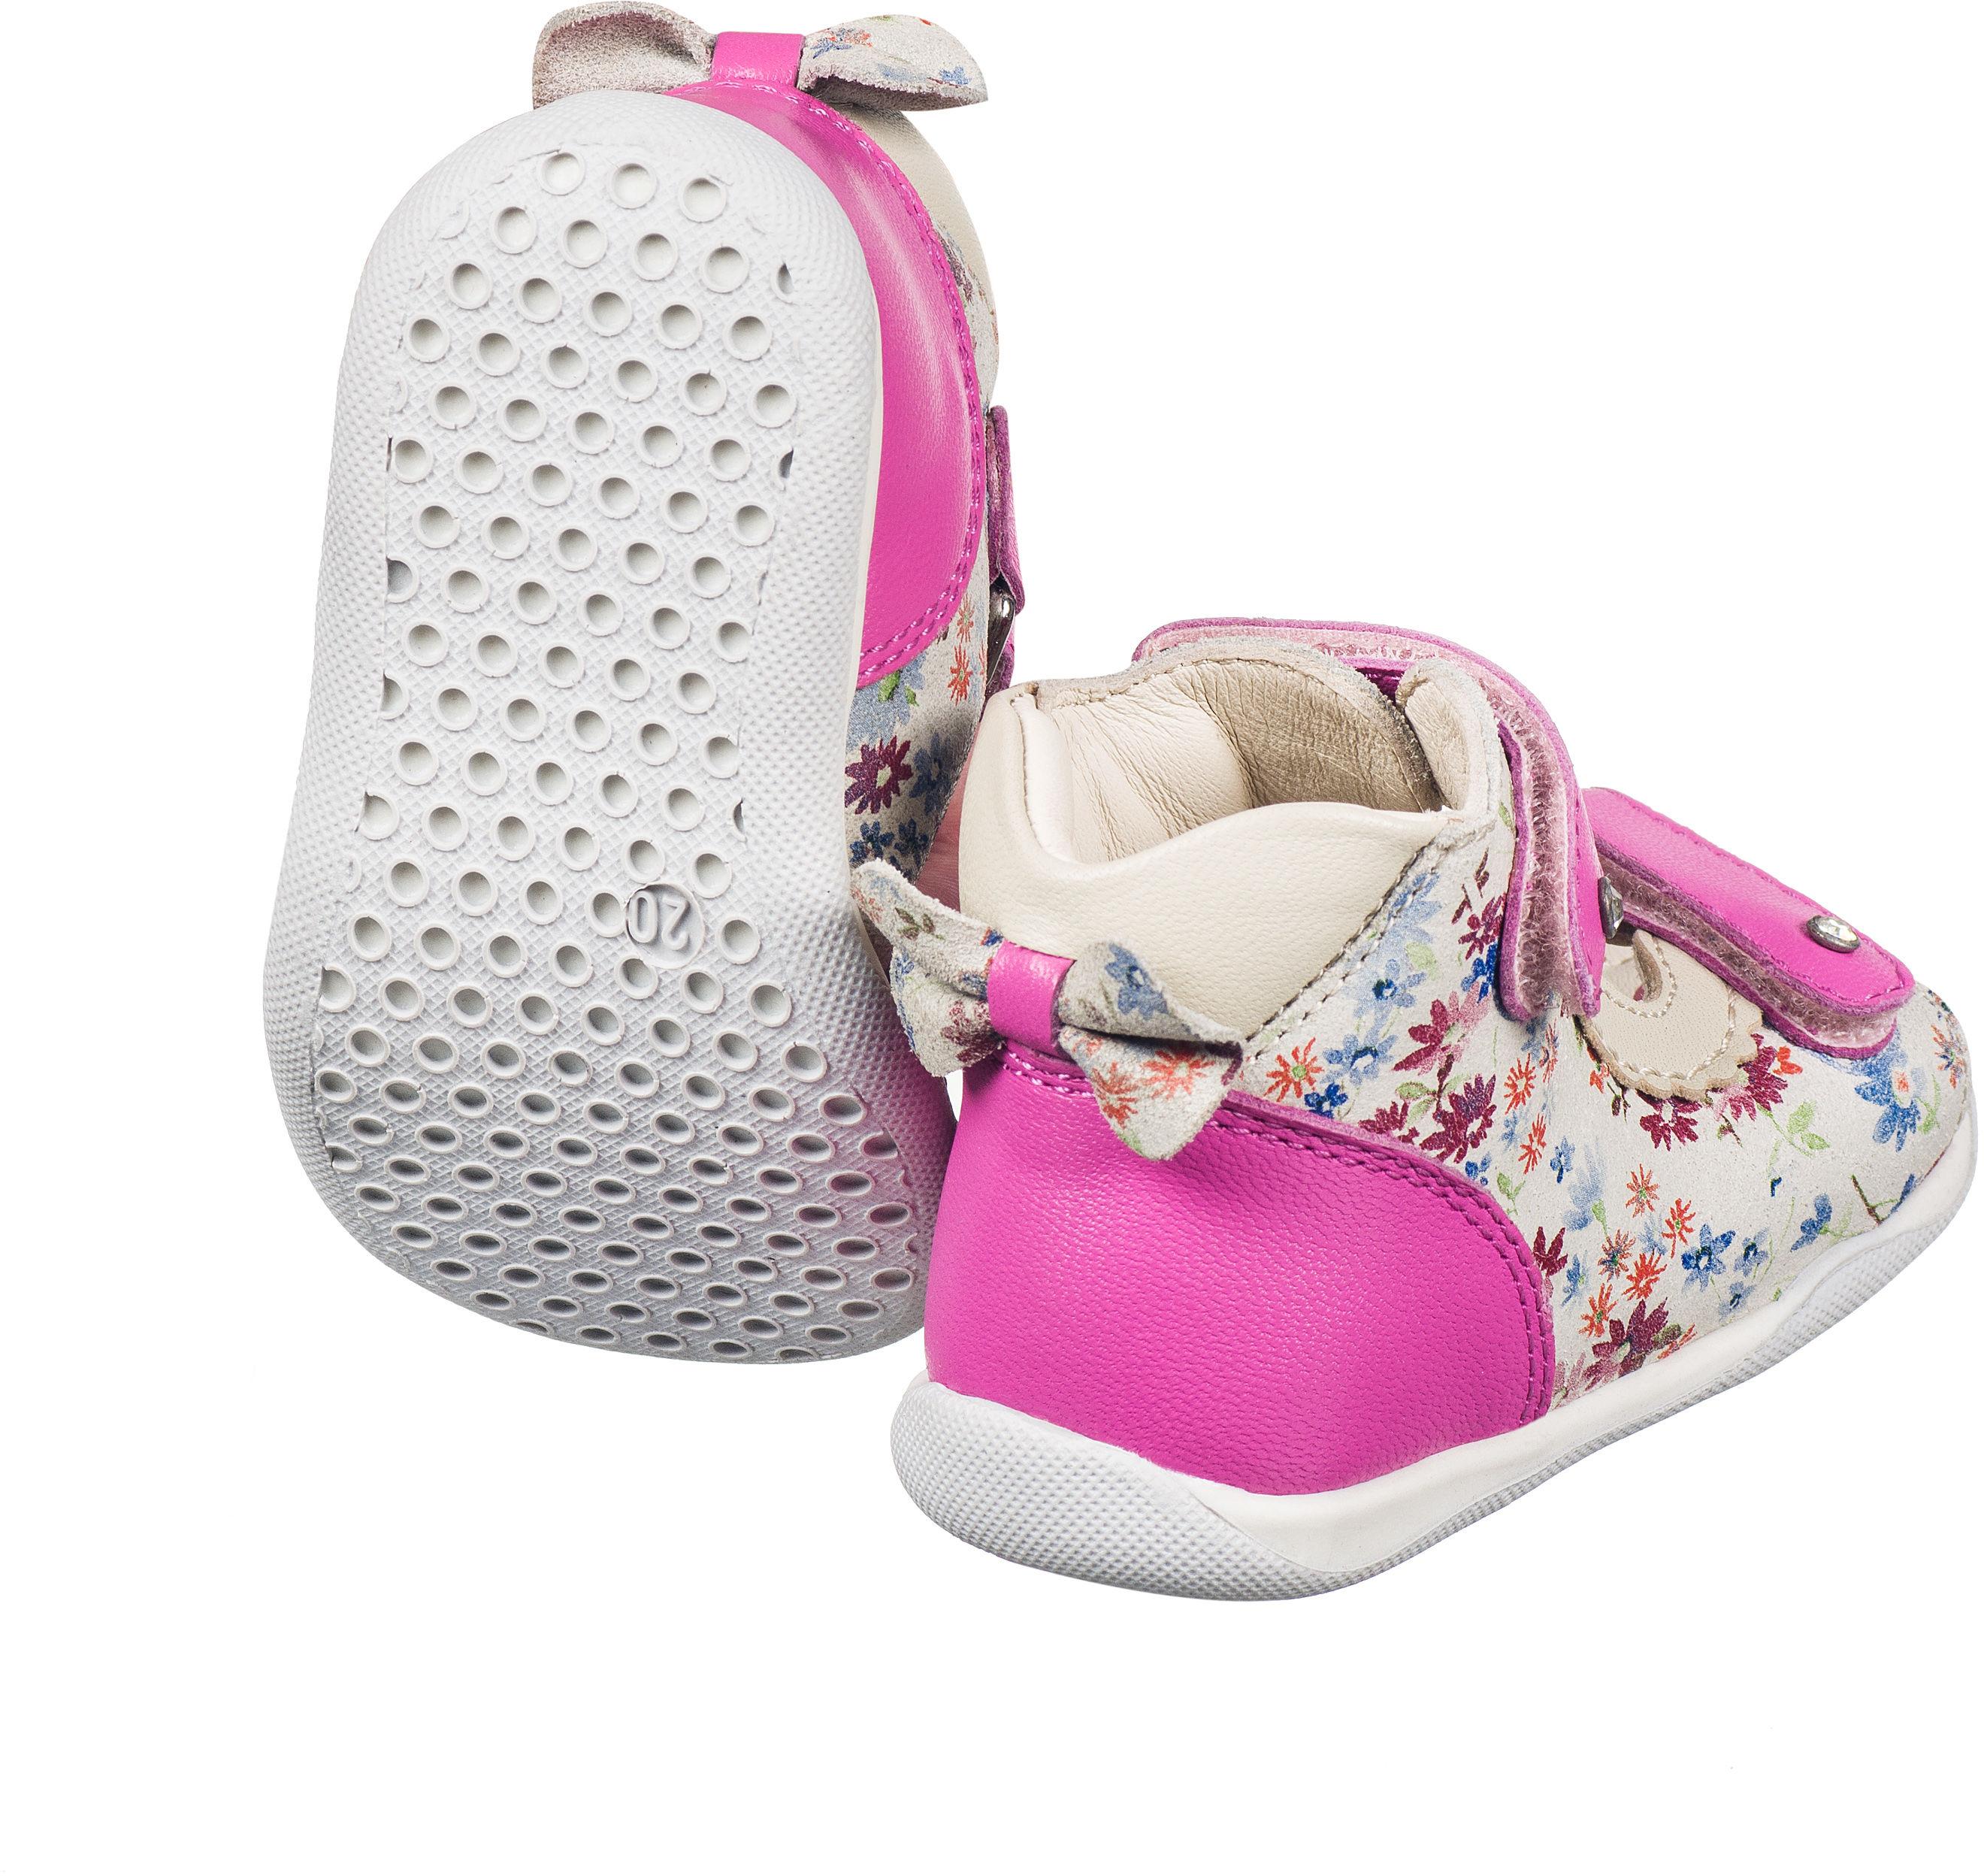 Sandałki Memo Baby do nauki chodzenia - buciki dla najmłodszych stópek (MINI)